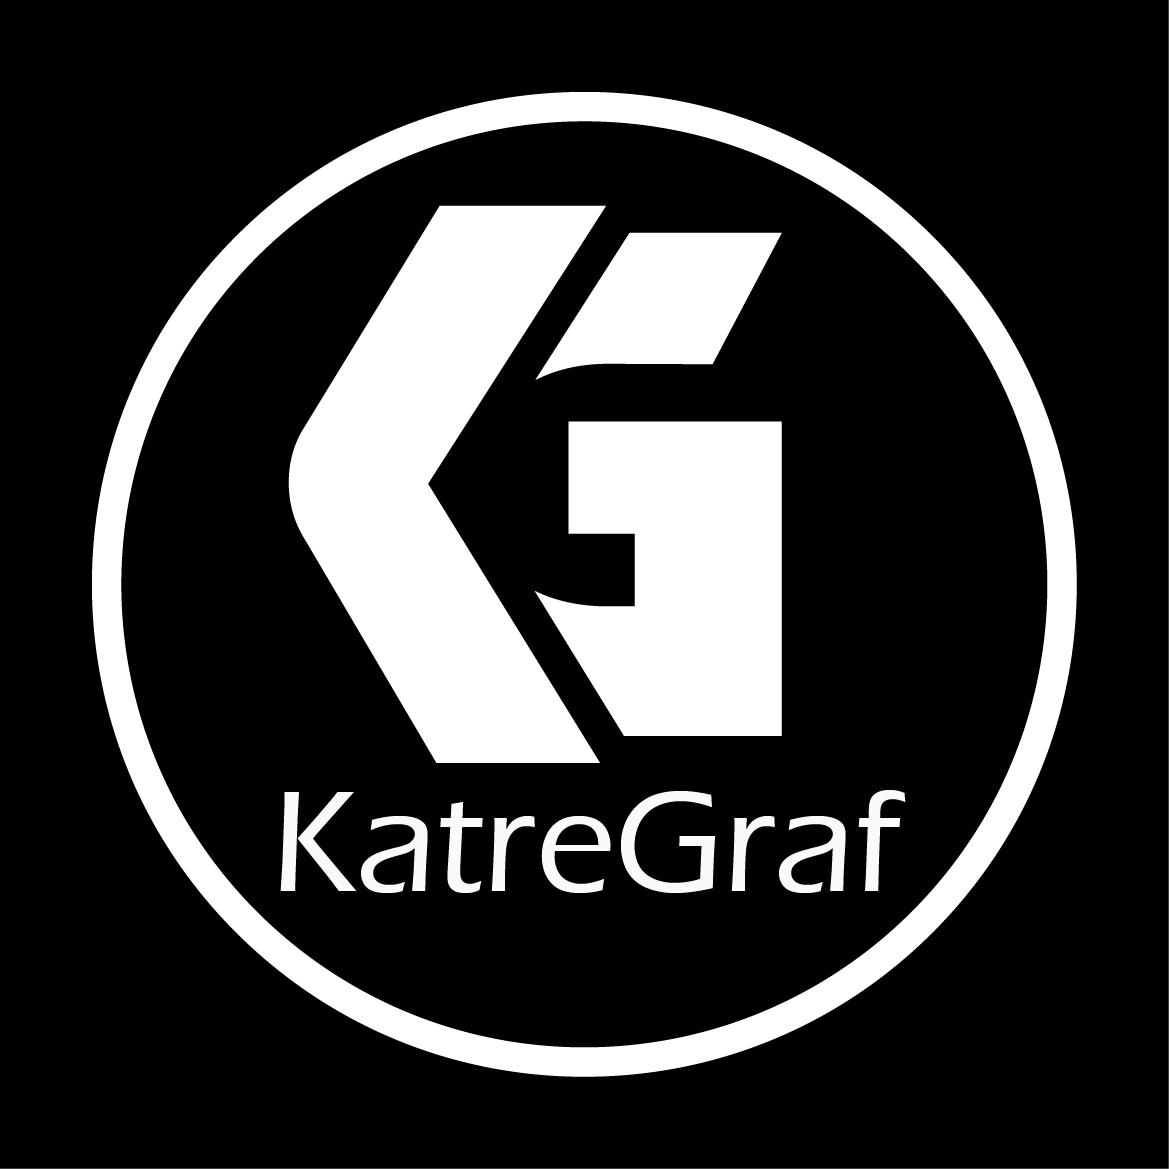 KatreGraf